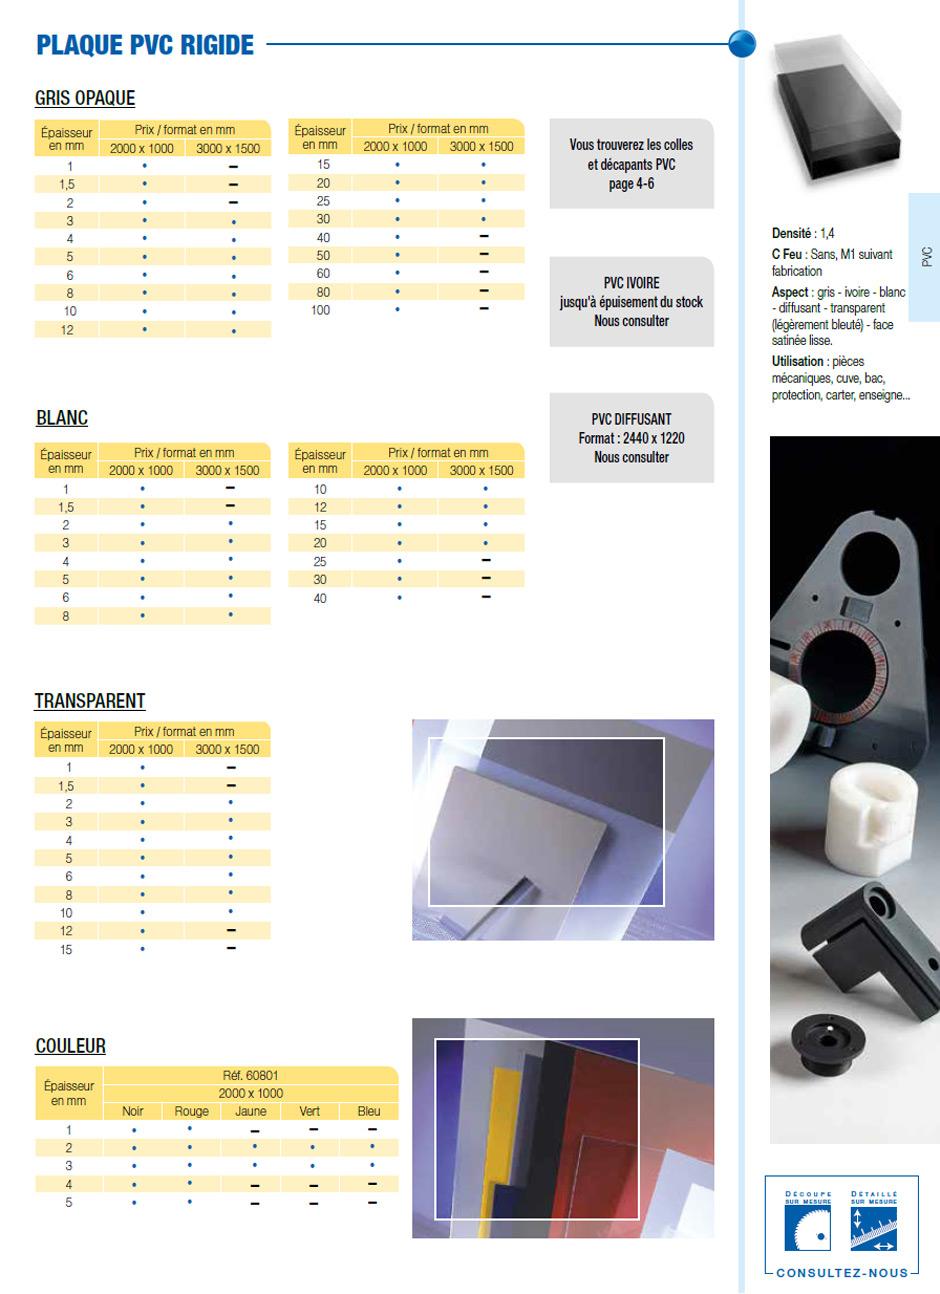 Plaque PVC rigide